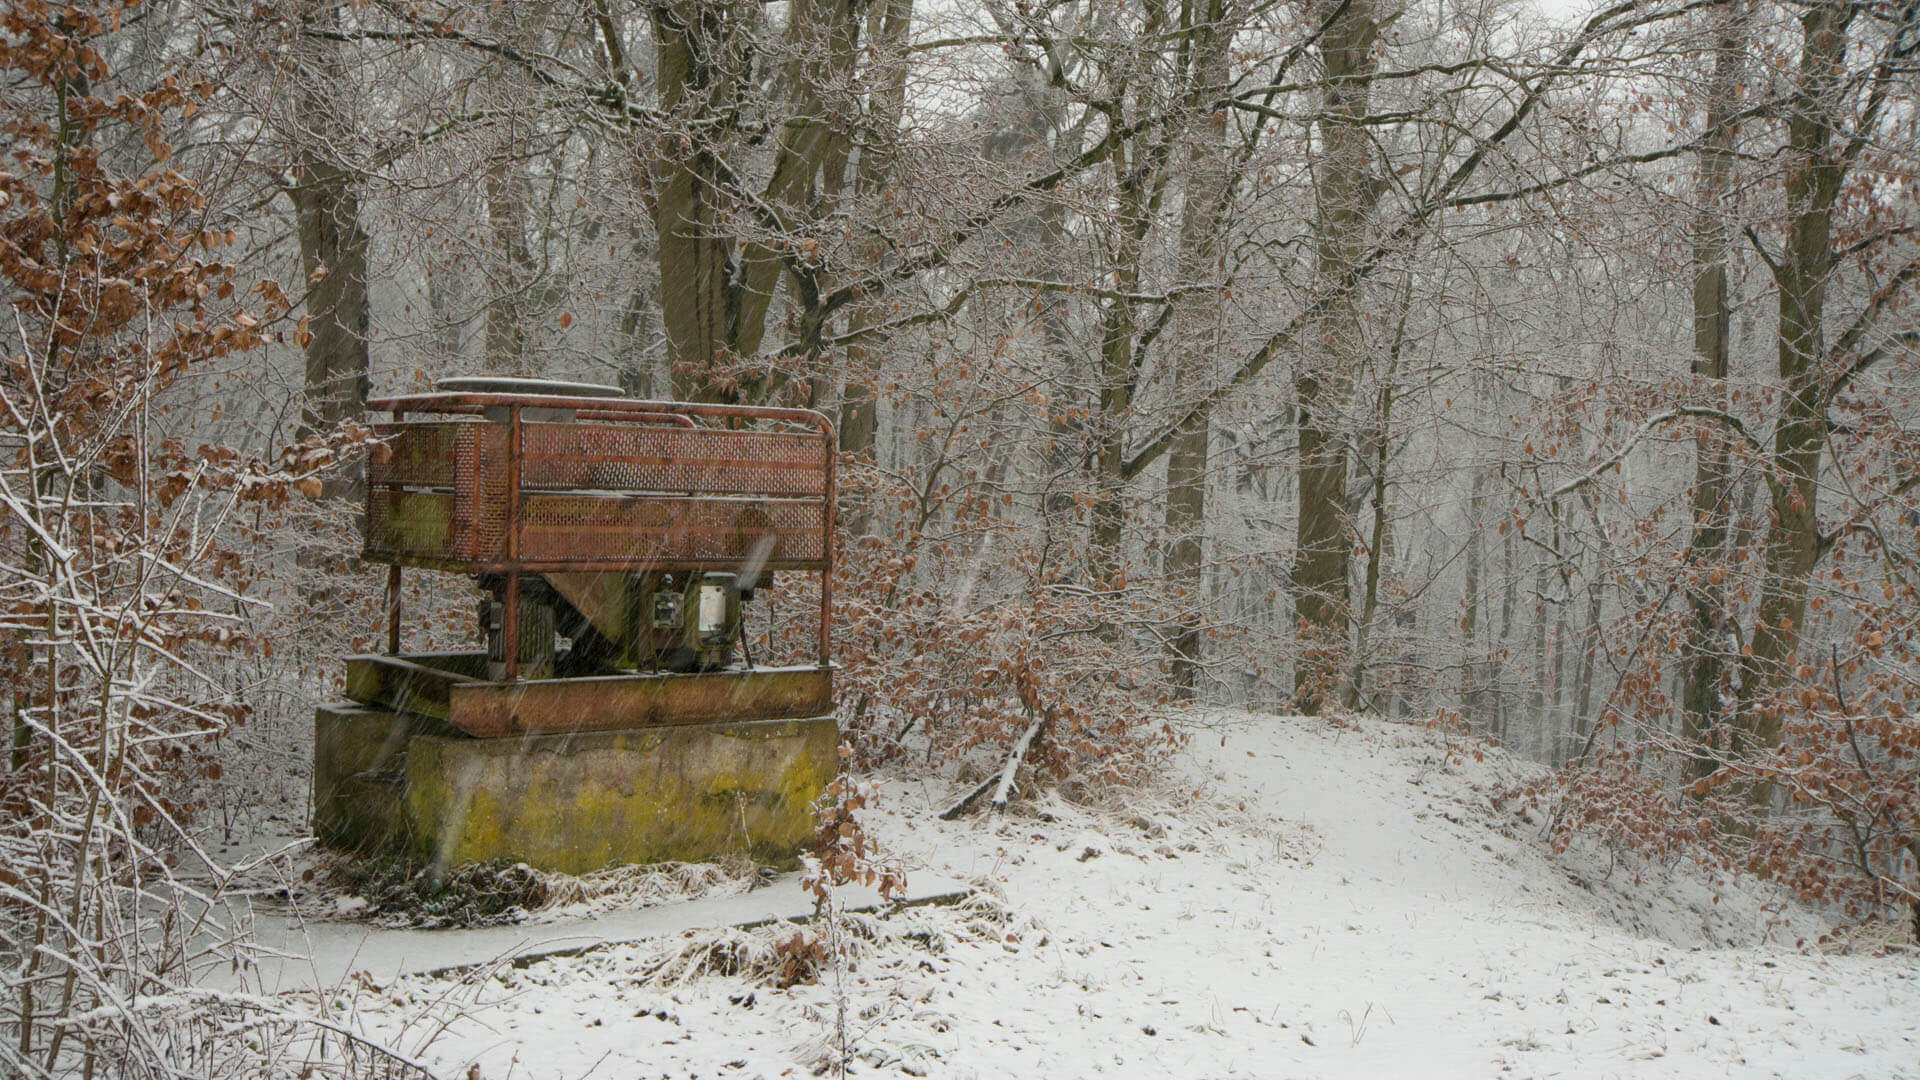 Skilift auf der Freundschaftshöhe im Naturschutzgebiet Kösterbeck.